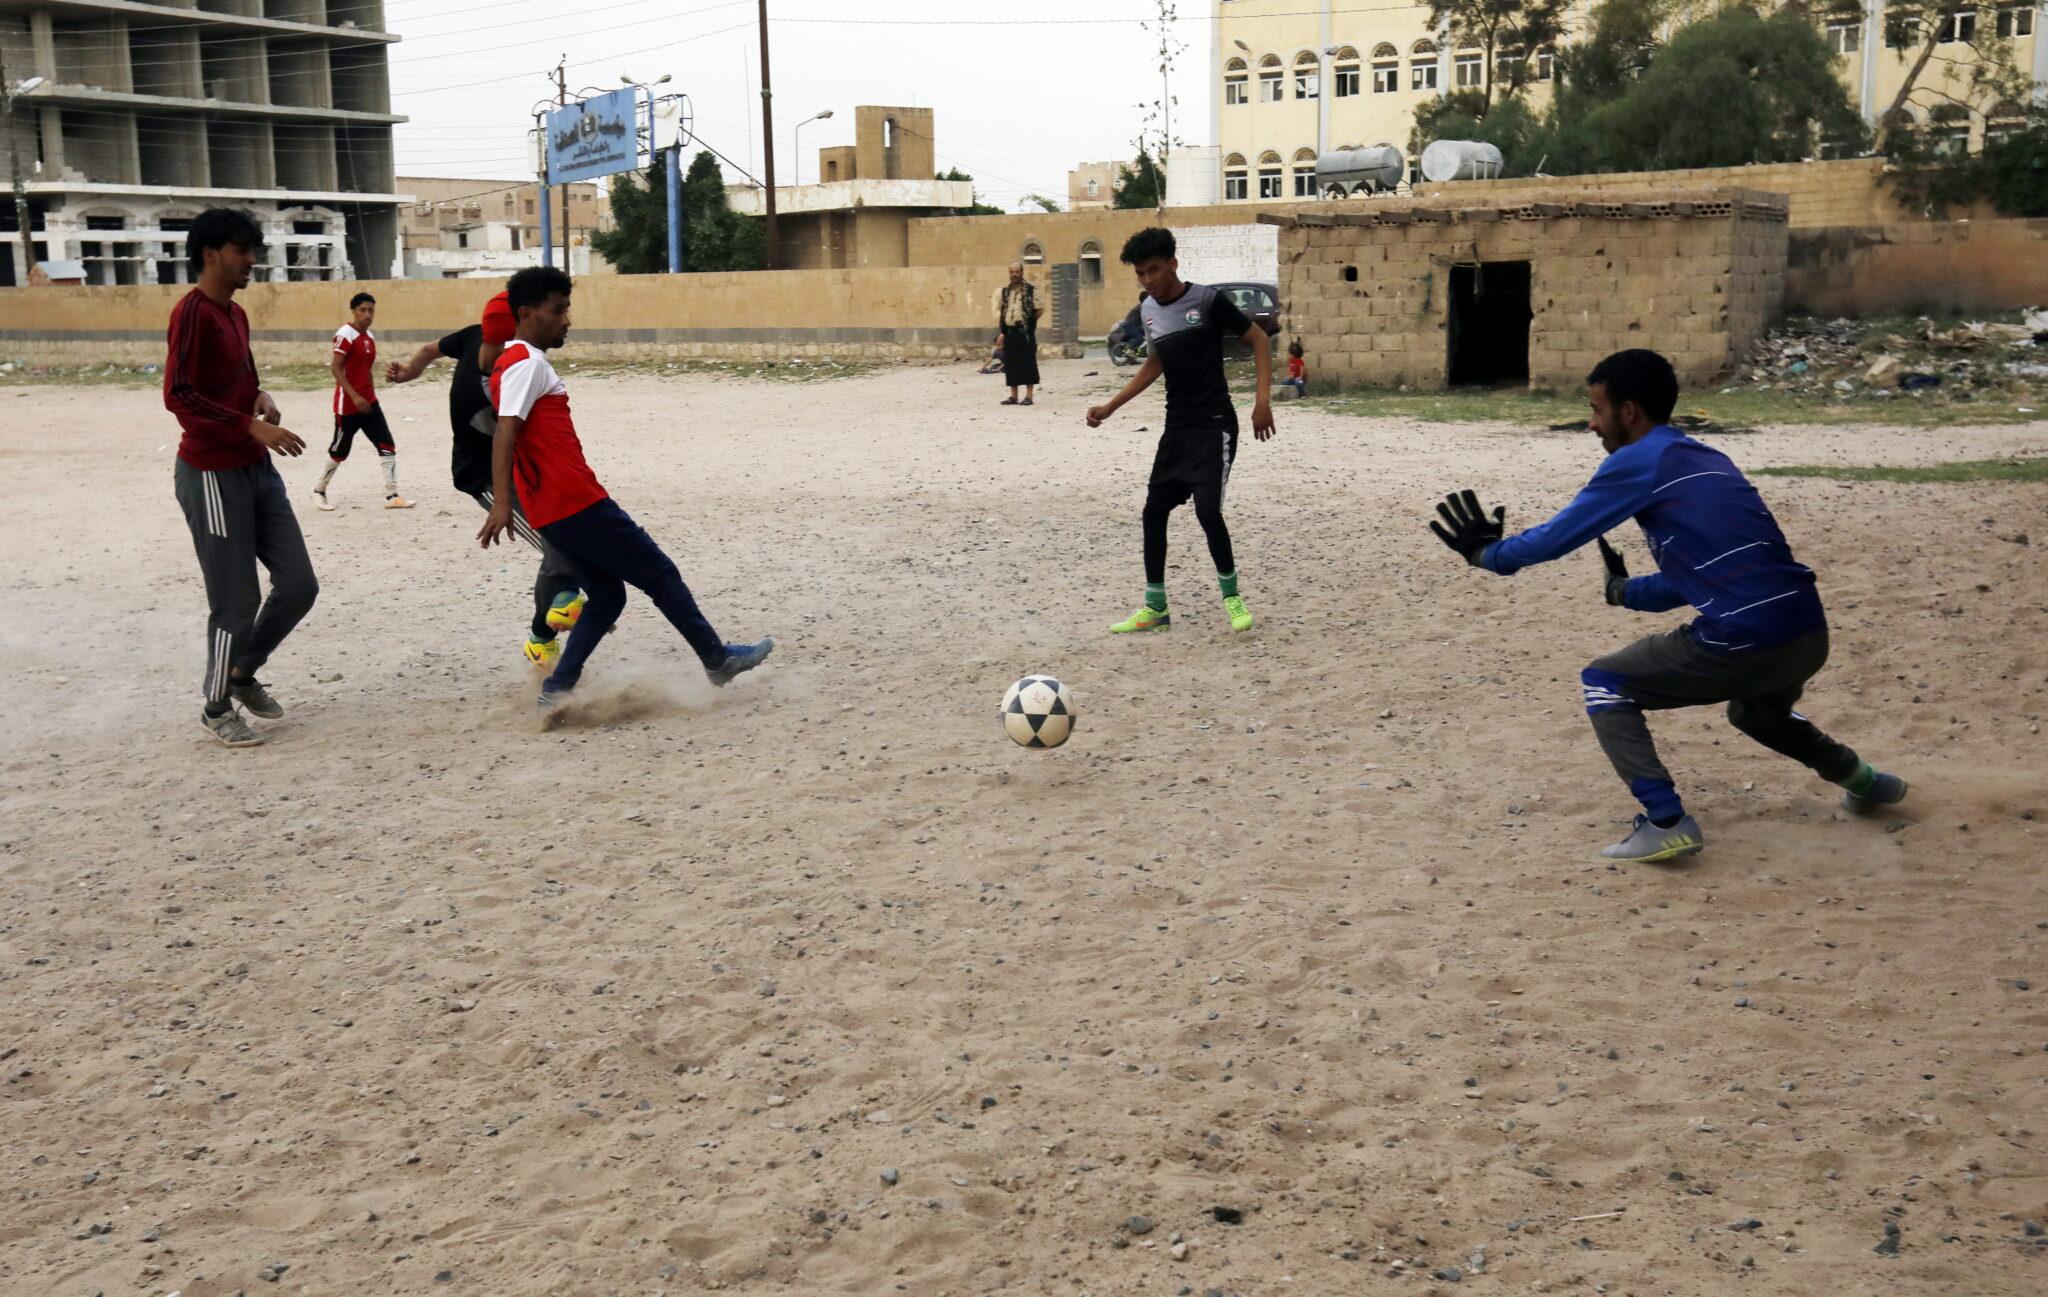 Jemen, San: podwórkowy mecz piłki nożnej, fot. EPA / YAHYA ARHAB